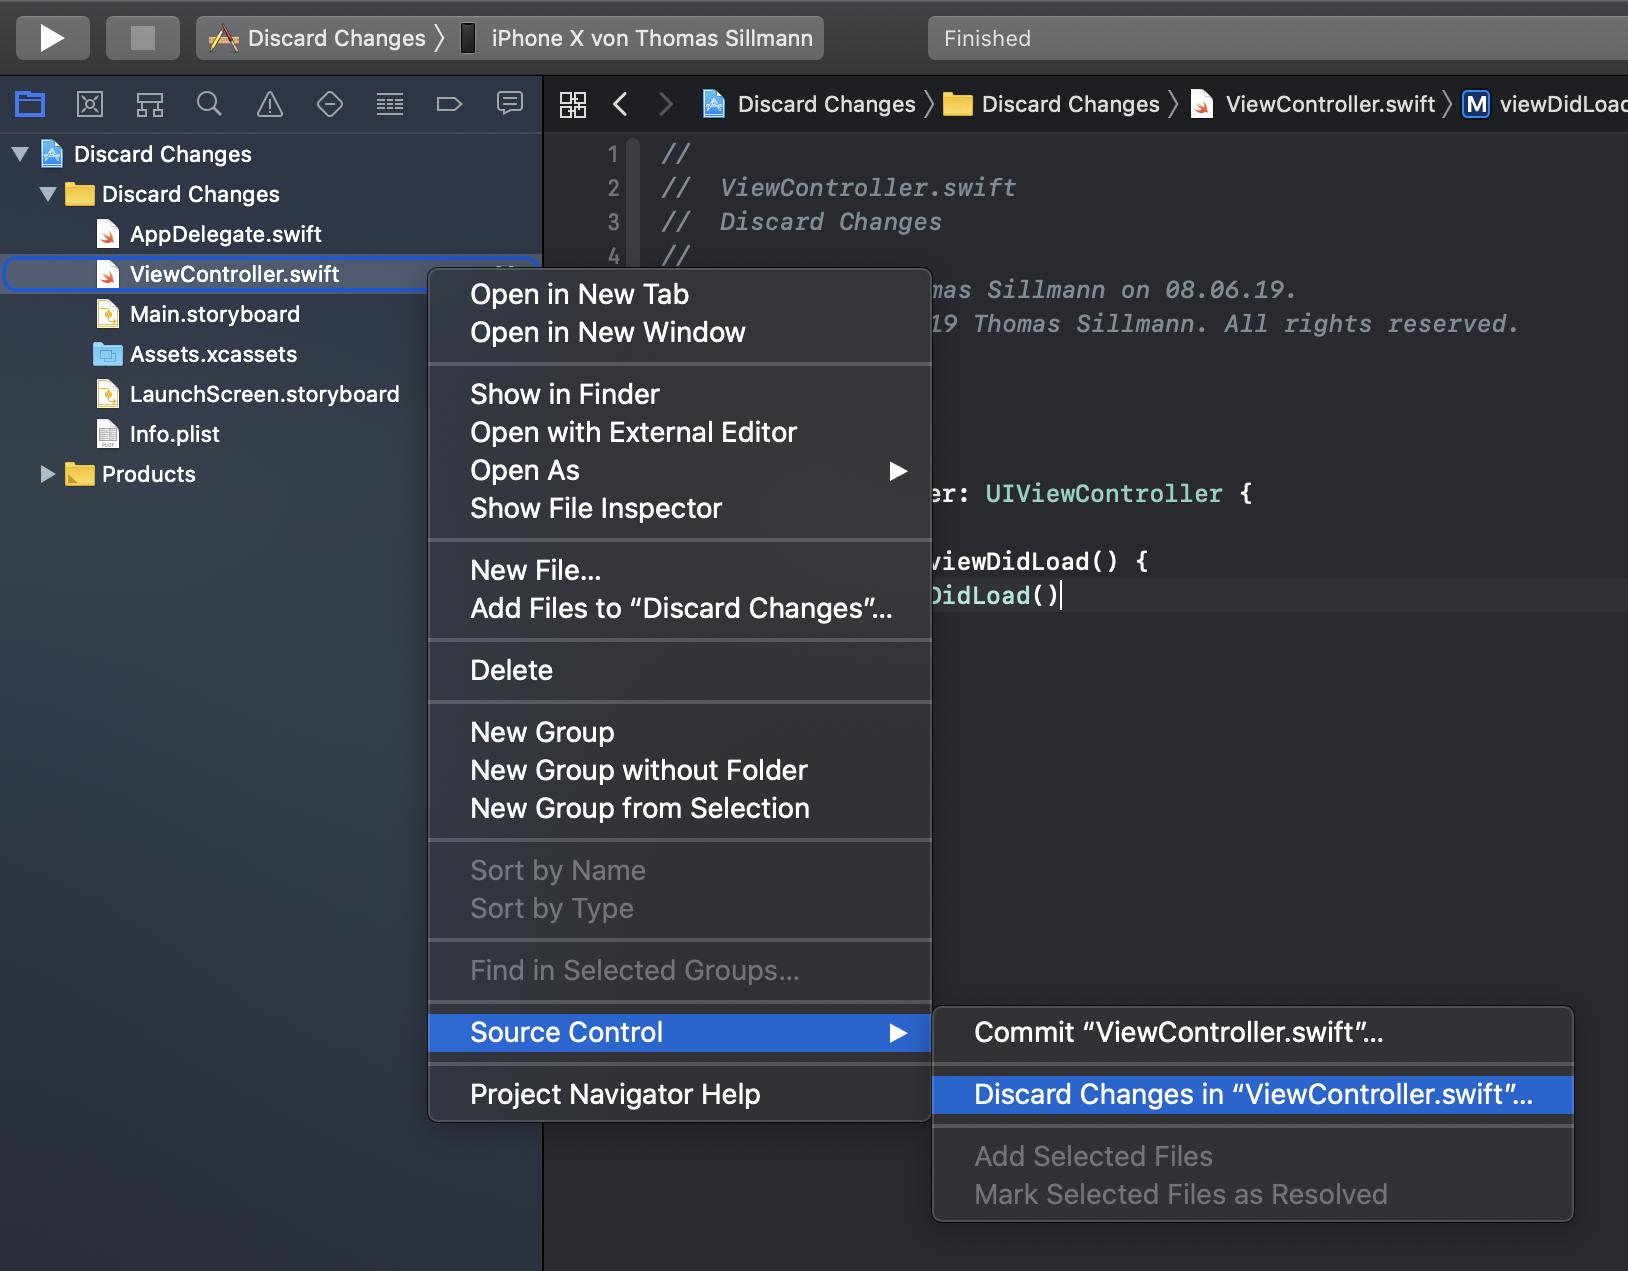 Mithilfe des Kontextmenüs können die Änderungen innerhalb einzelner Dateien verworfen werden.